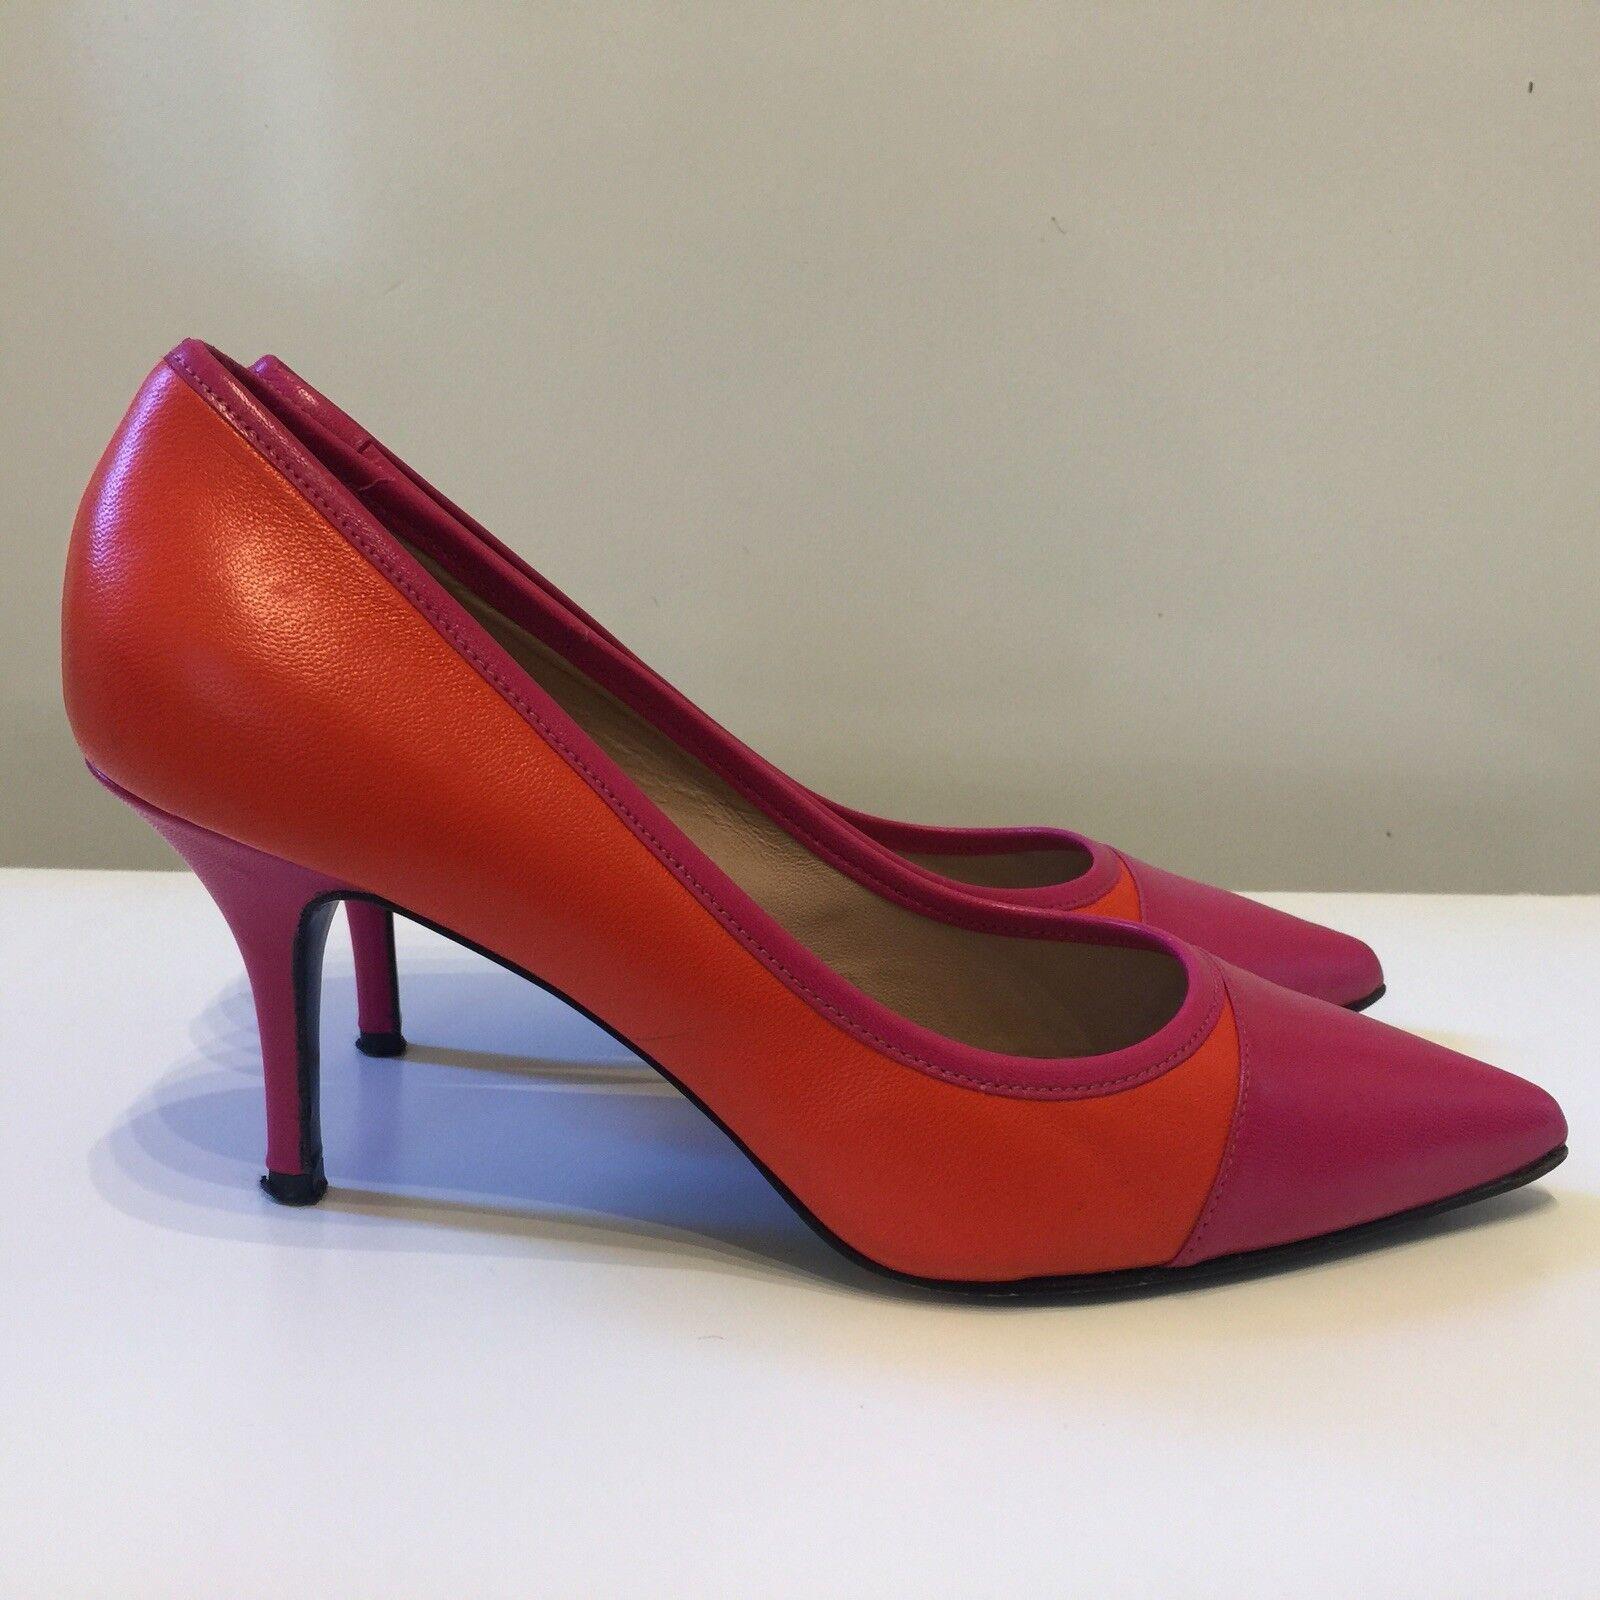 Georges Rech High Heels Party Größe Schuhes Pink/Orange Pointed Toe Größe Party 39.5 EU cba639